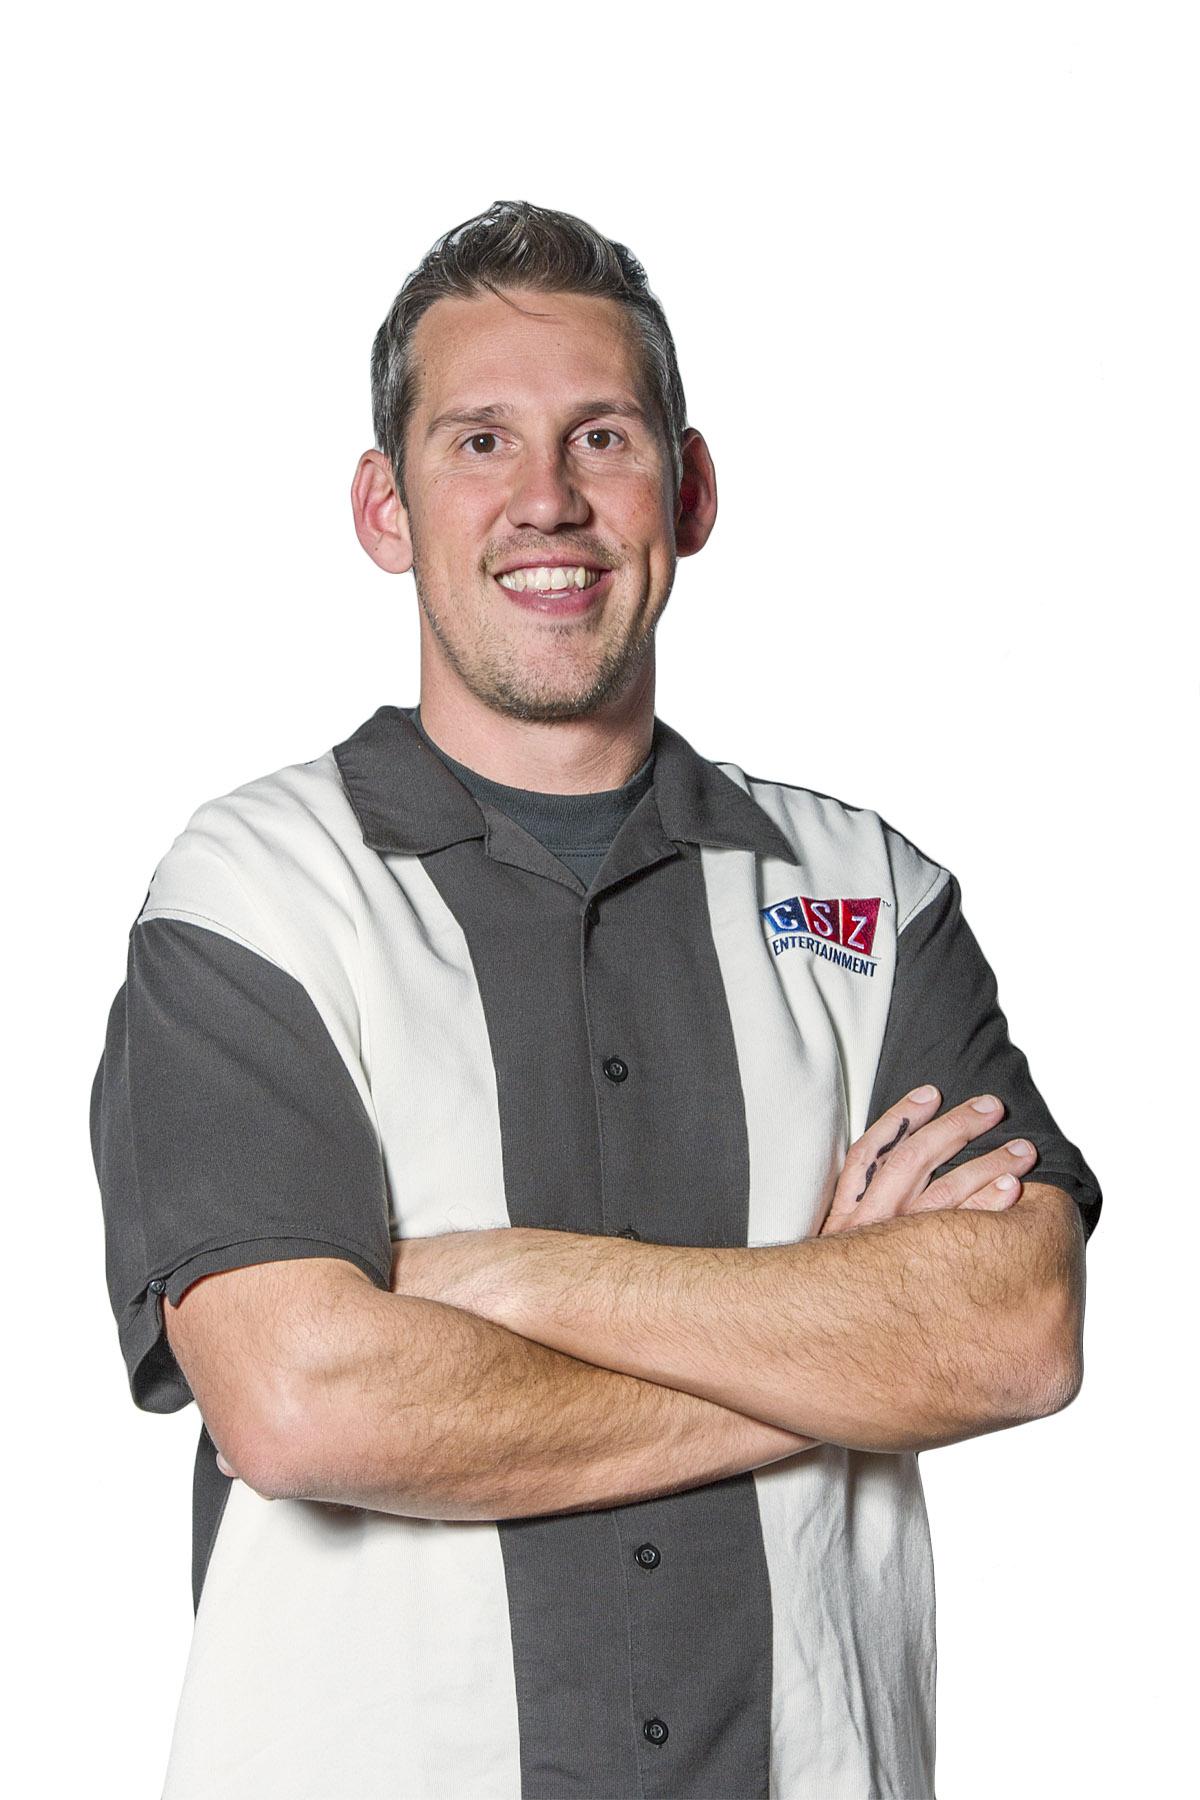 Scott Schroder